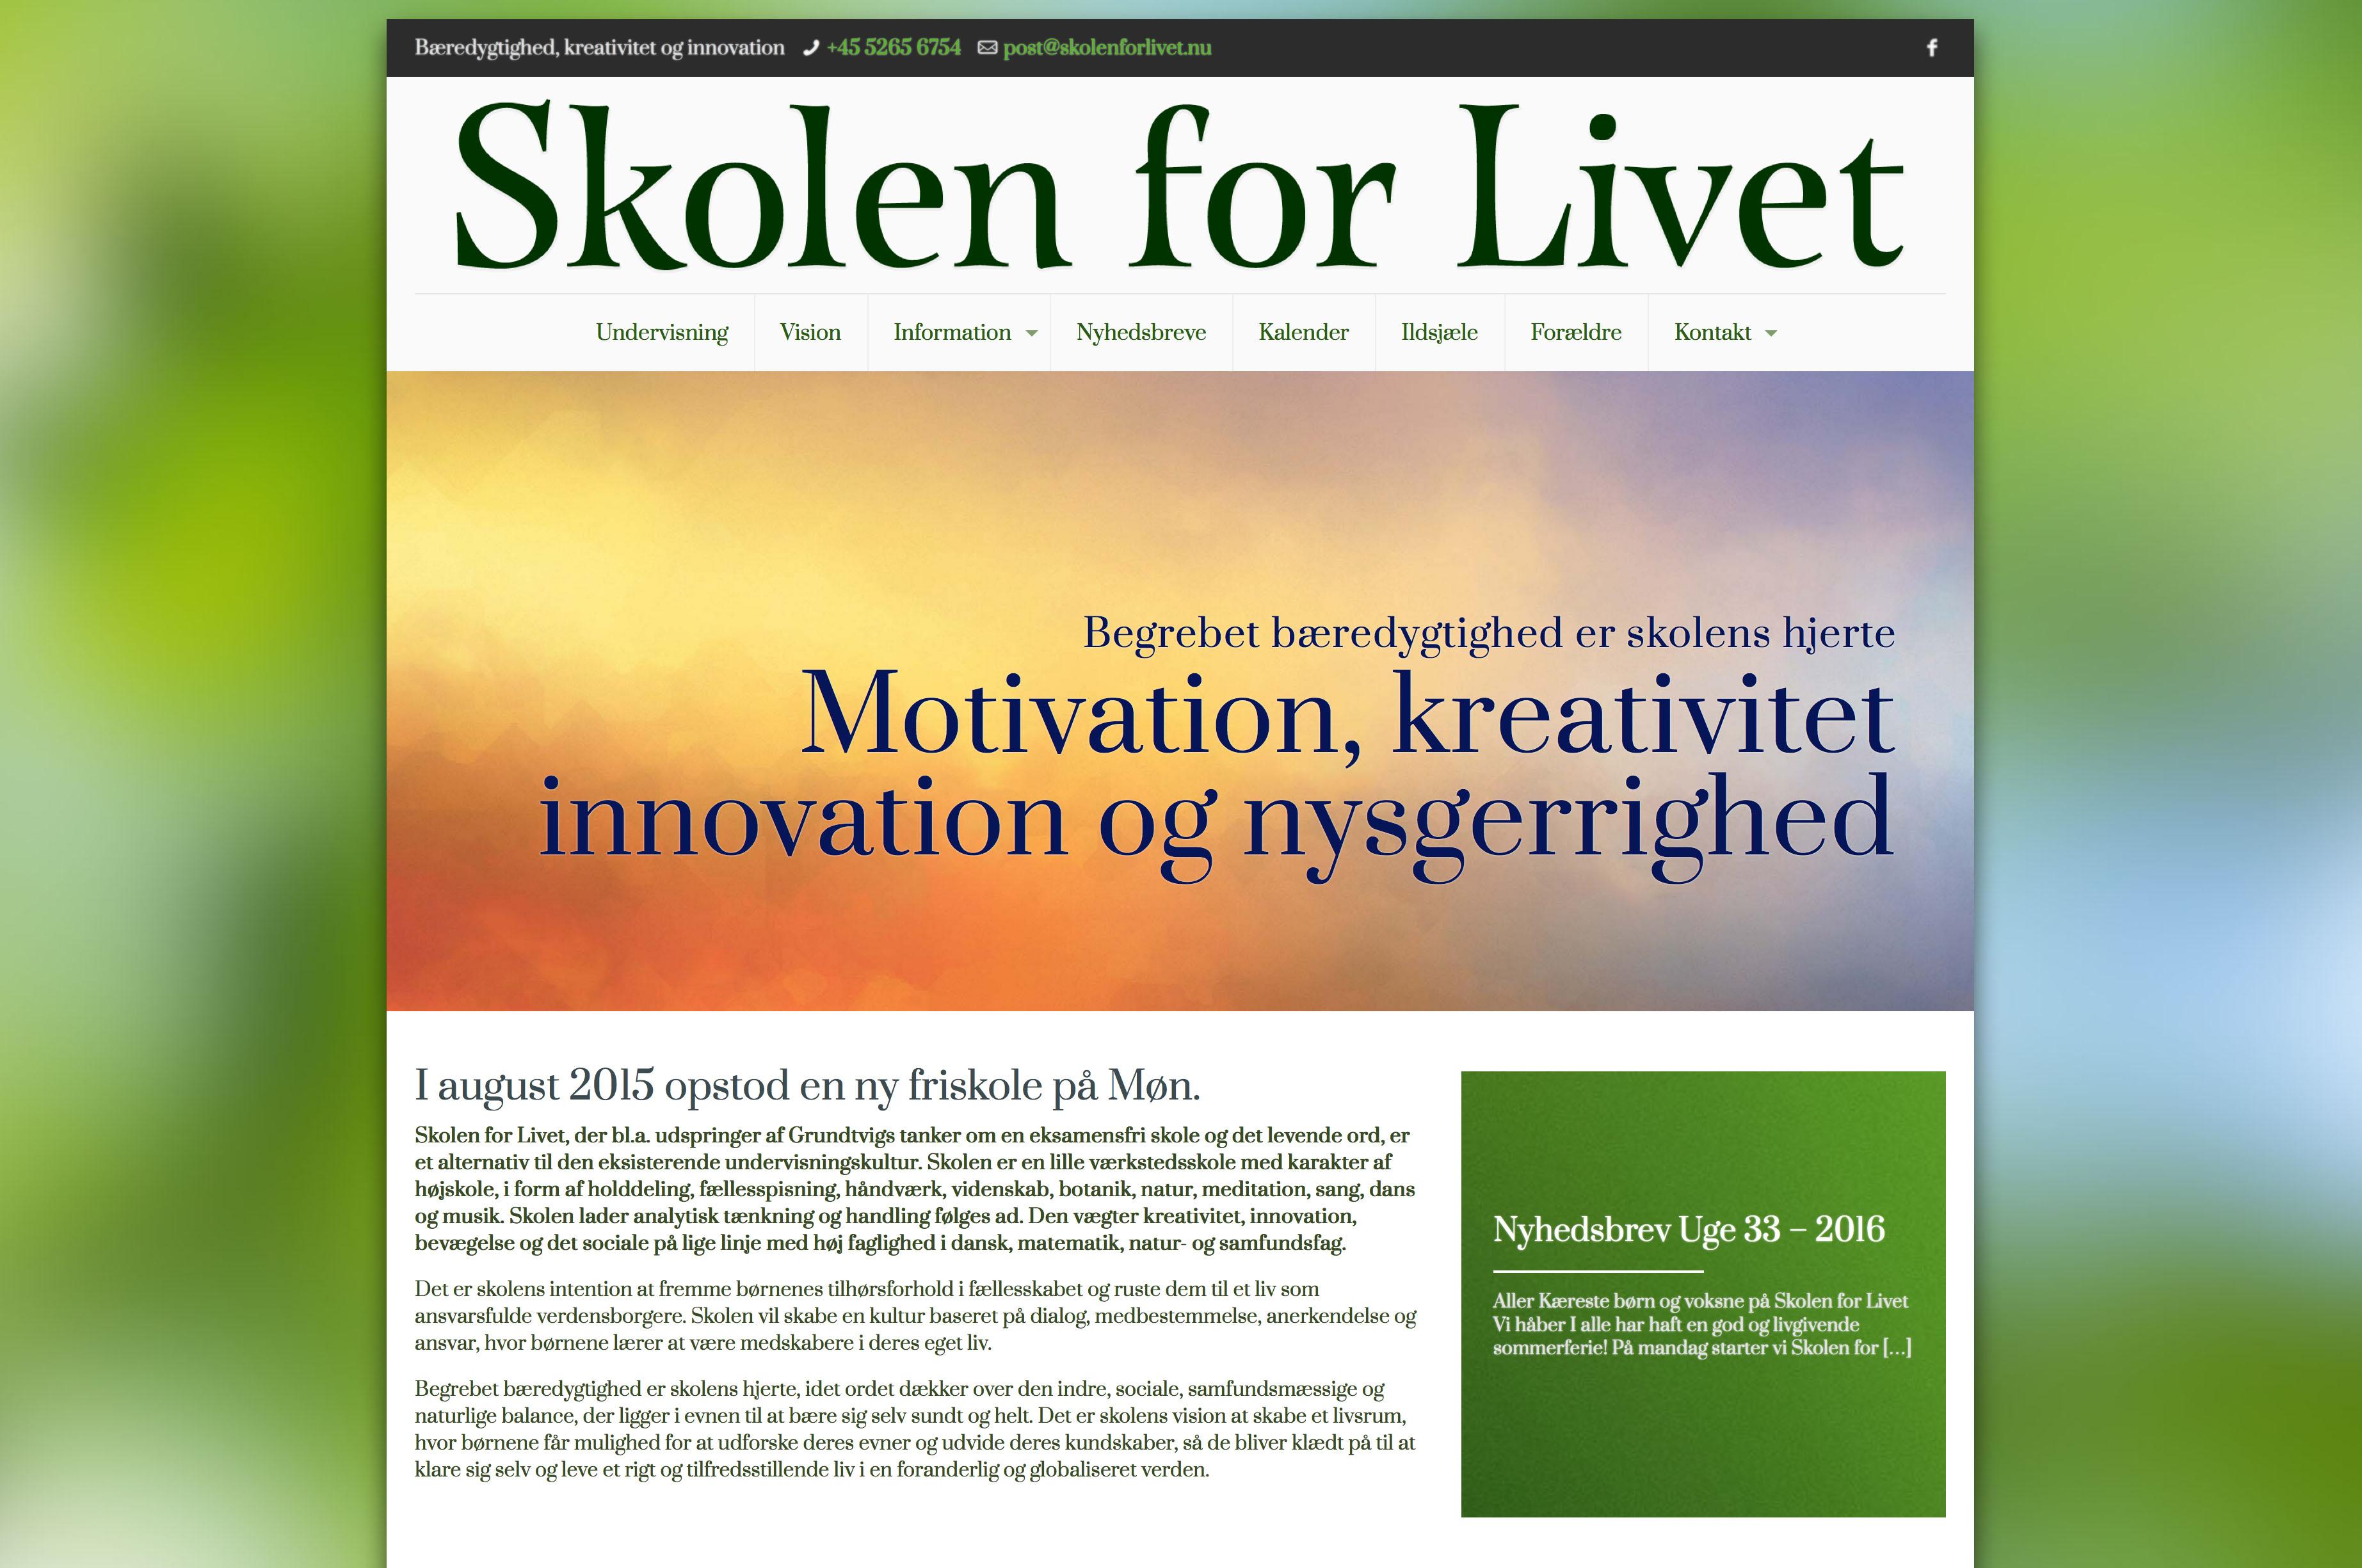 www.skolenforlivet.nu